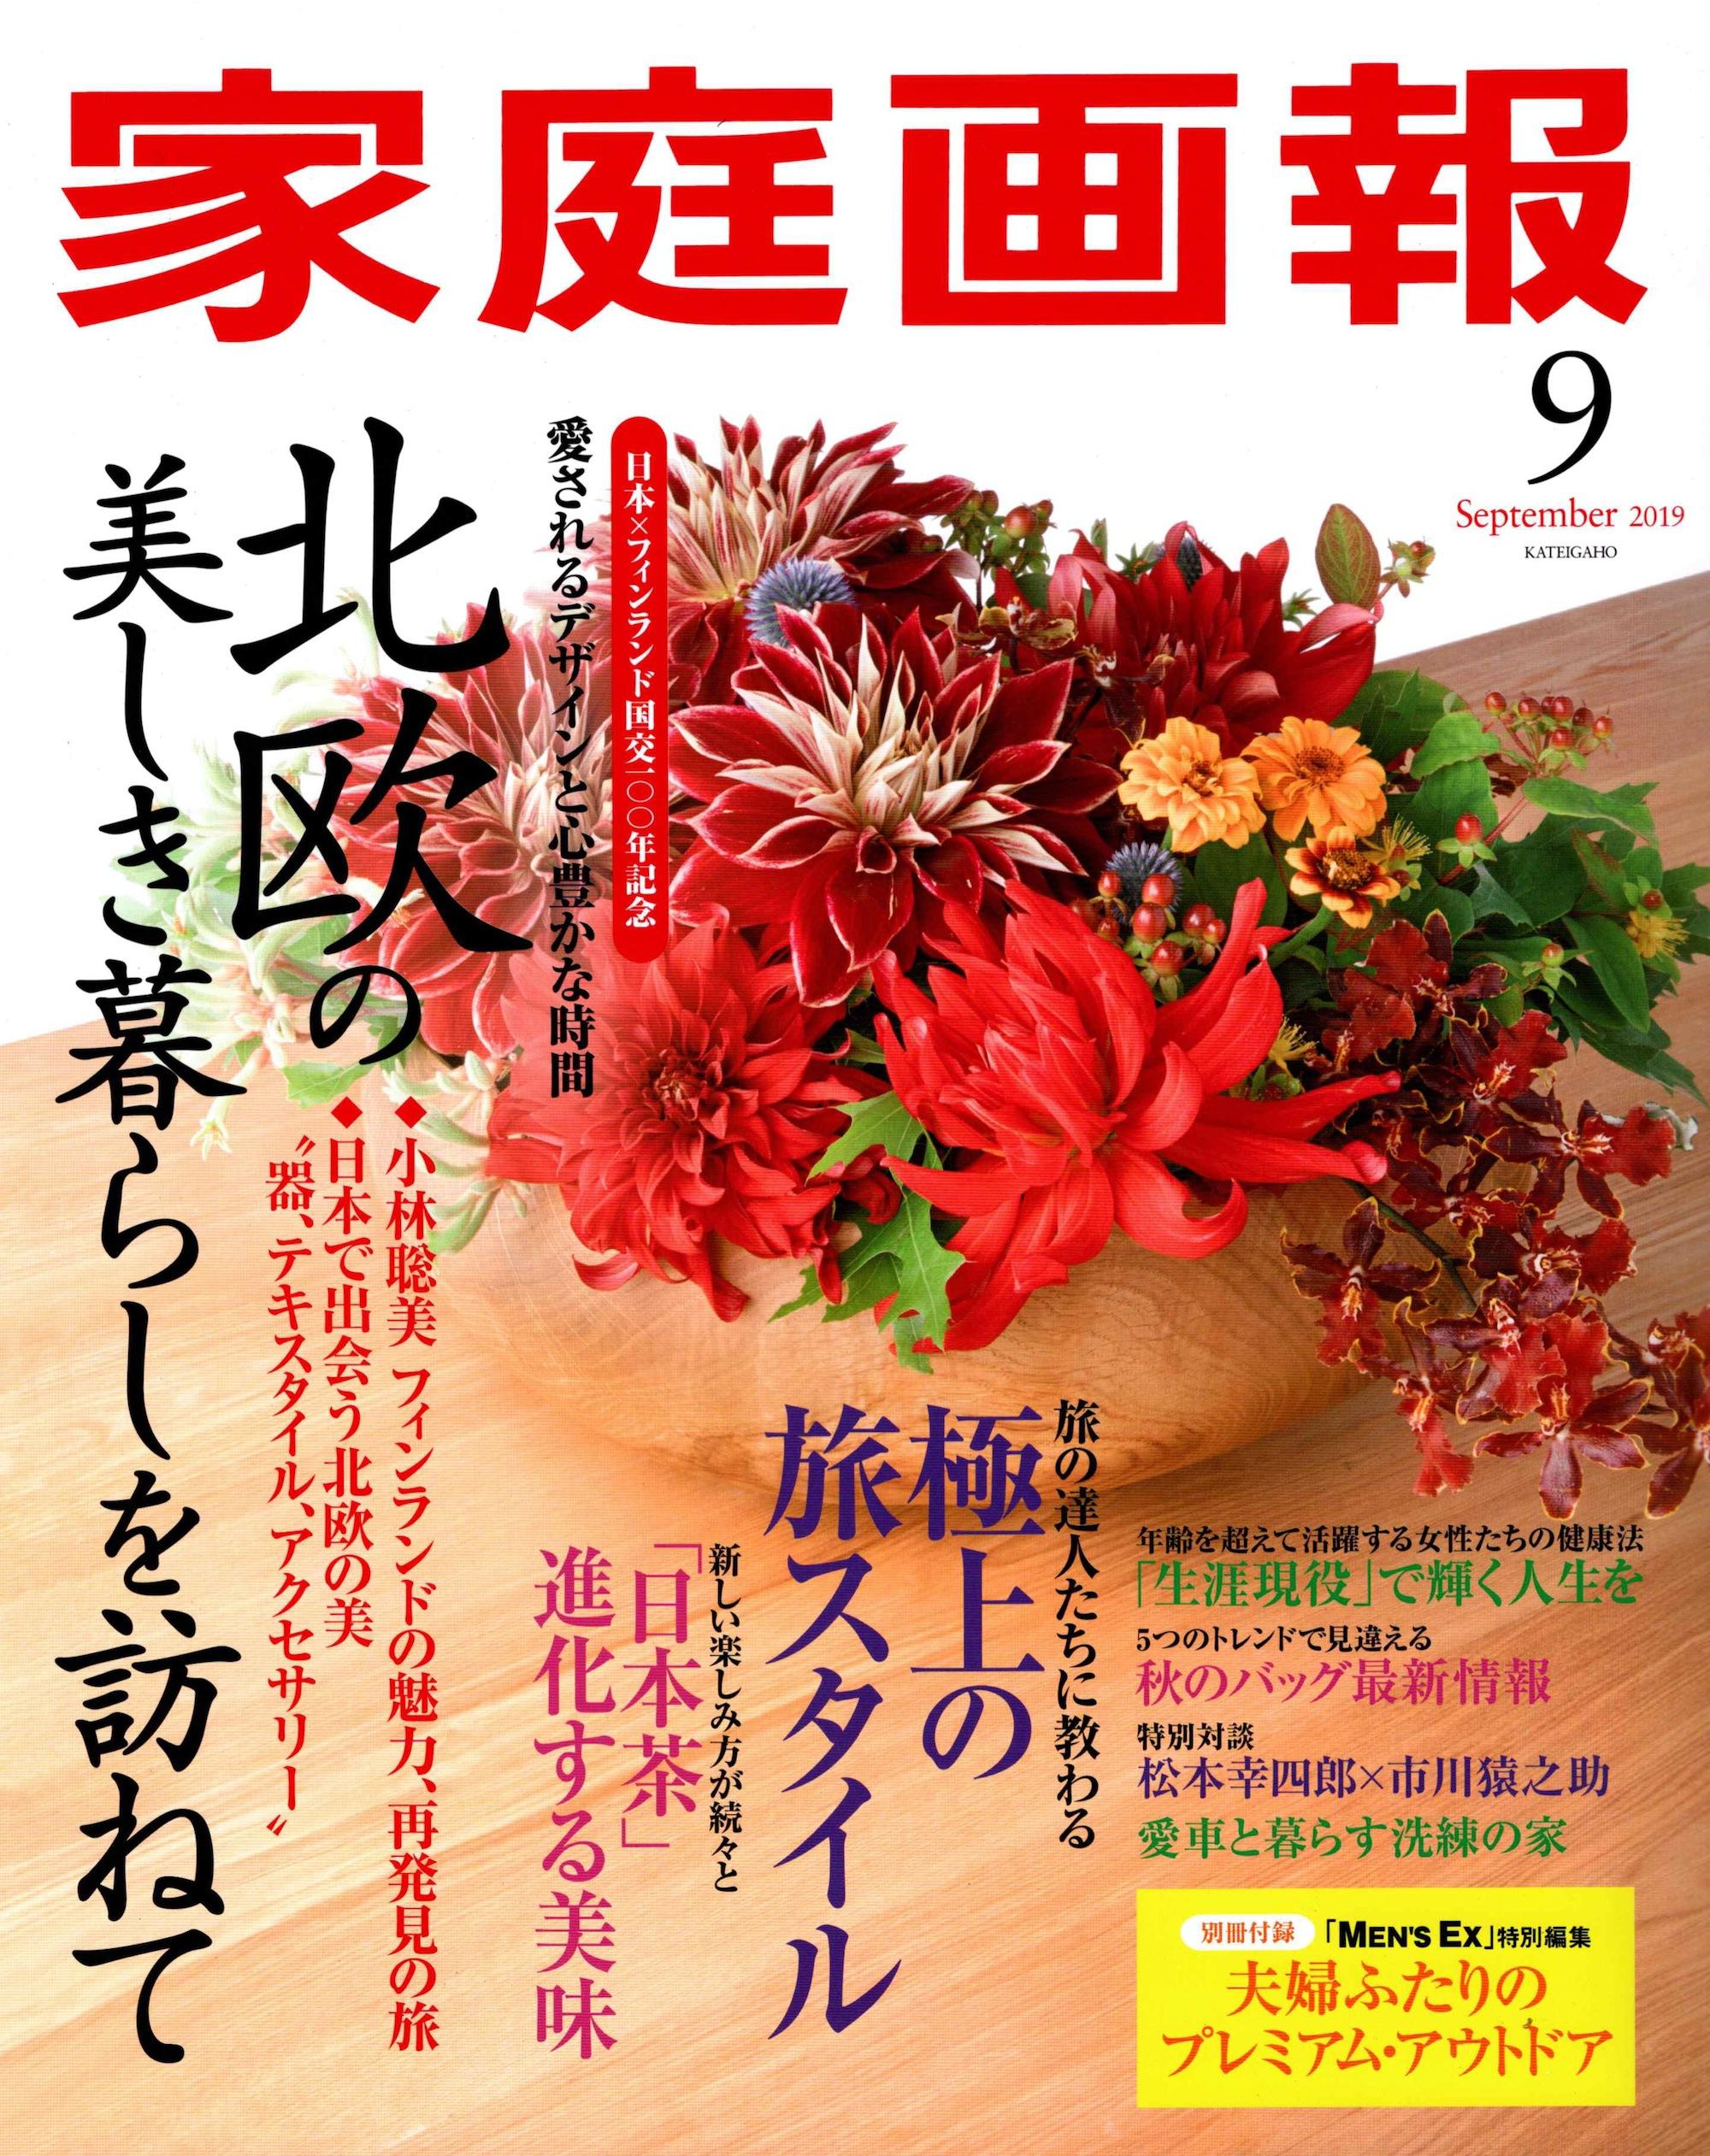 家庭画報掲載,建築家,大阪,設計事務所,ガレージハウス,中庭の家